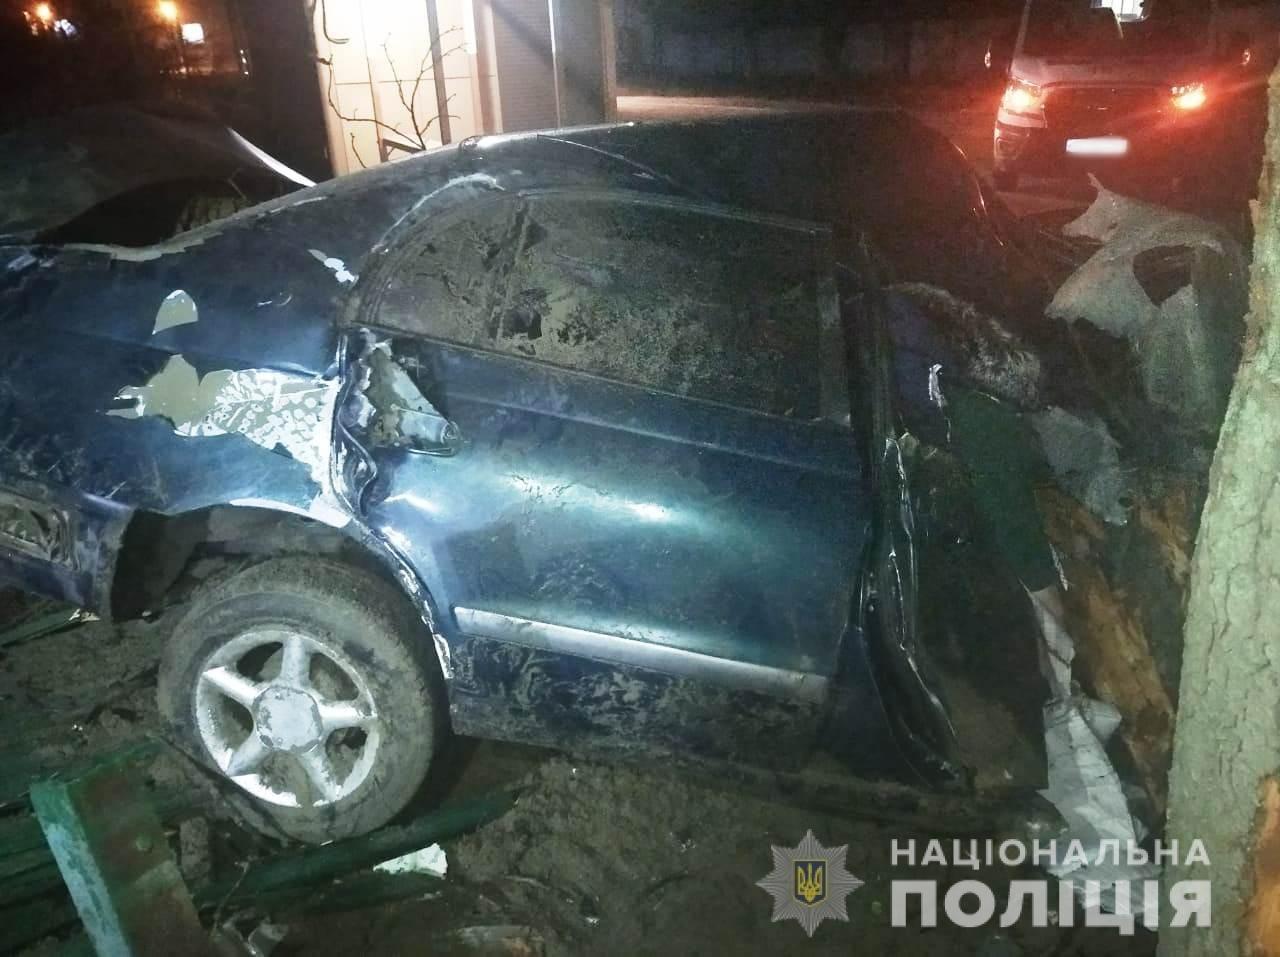 Въехал в дерево: В Одесской области произошло смертельное ДТП, - ФОТО, фото-1